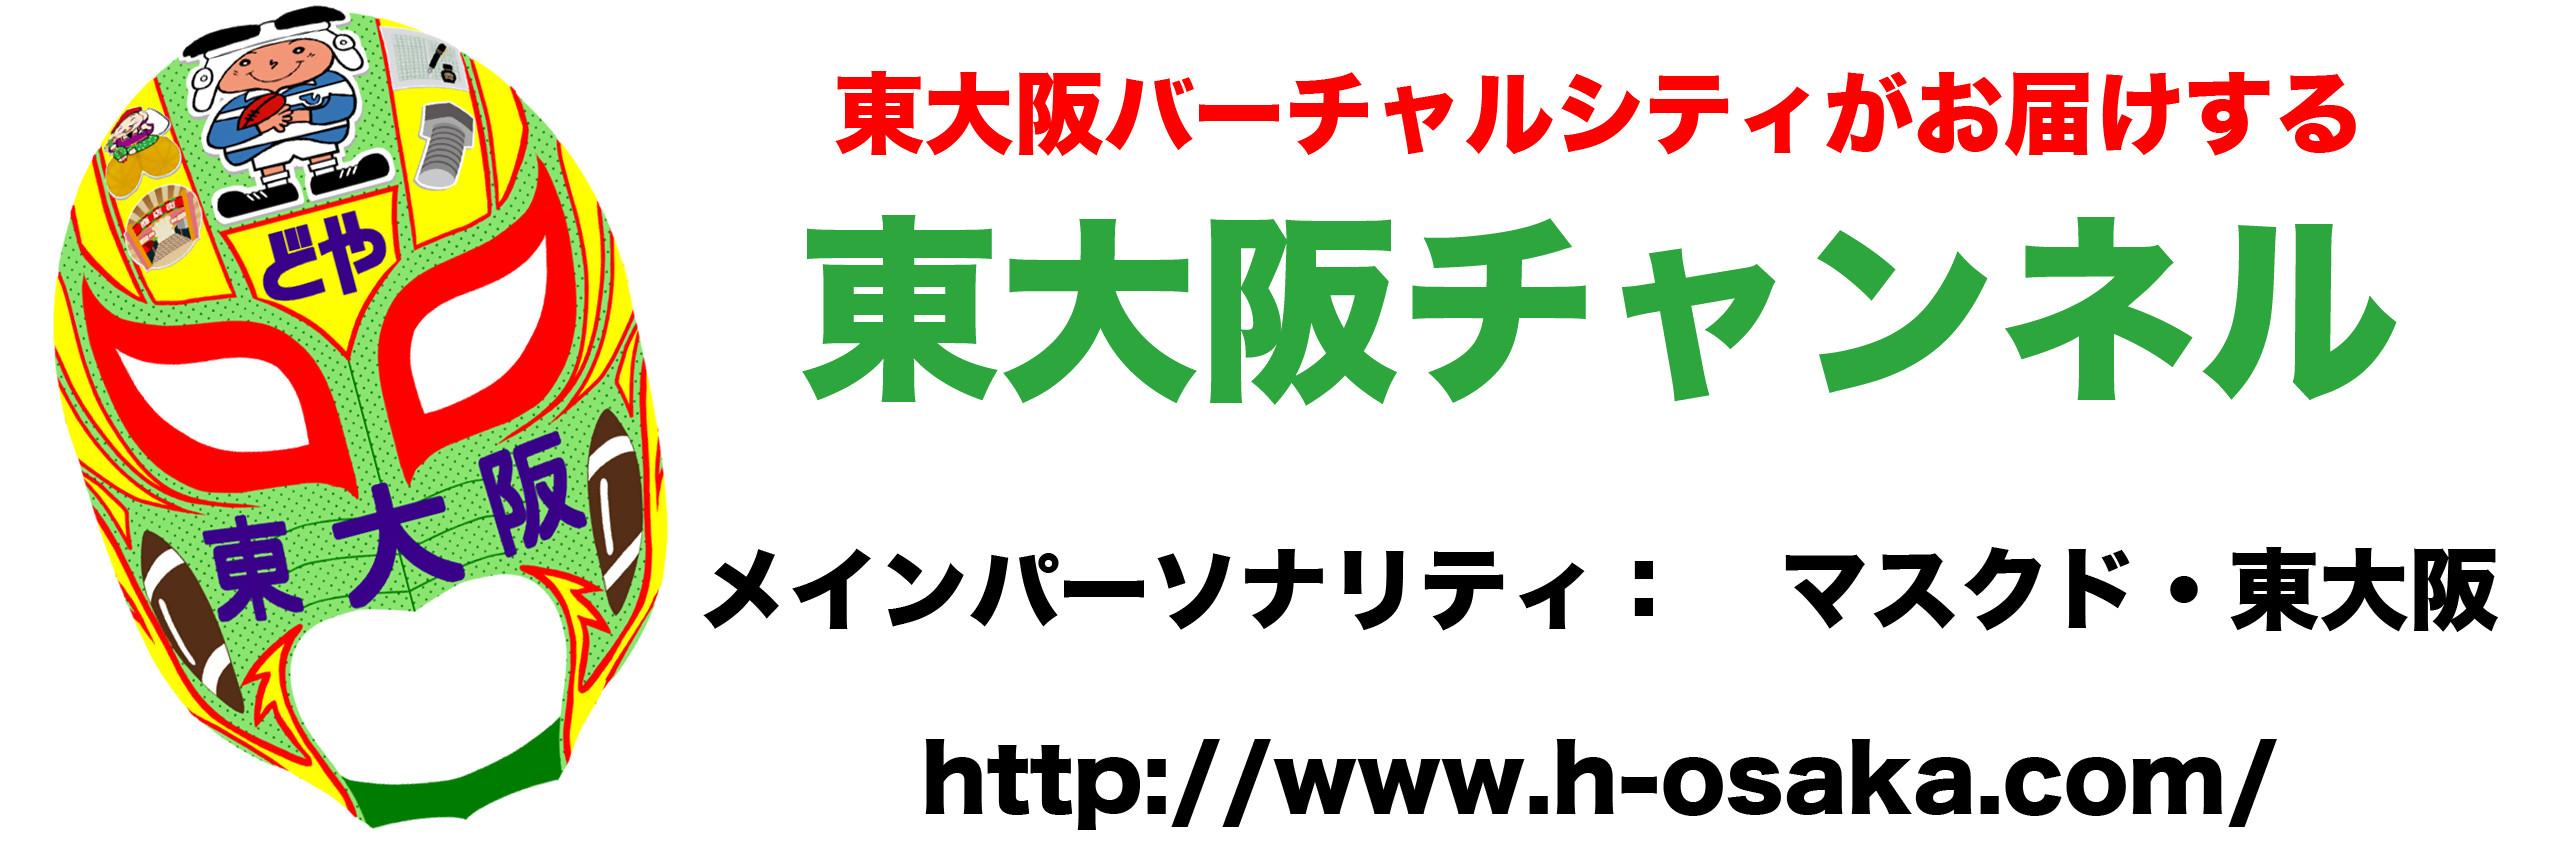 東大阪チャンネル